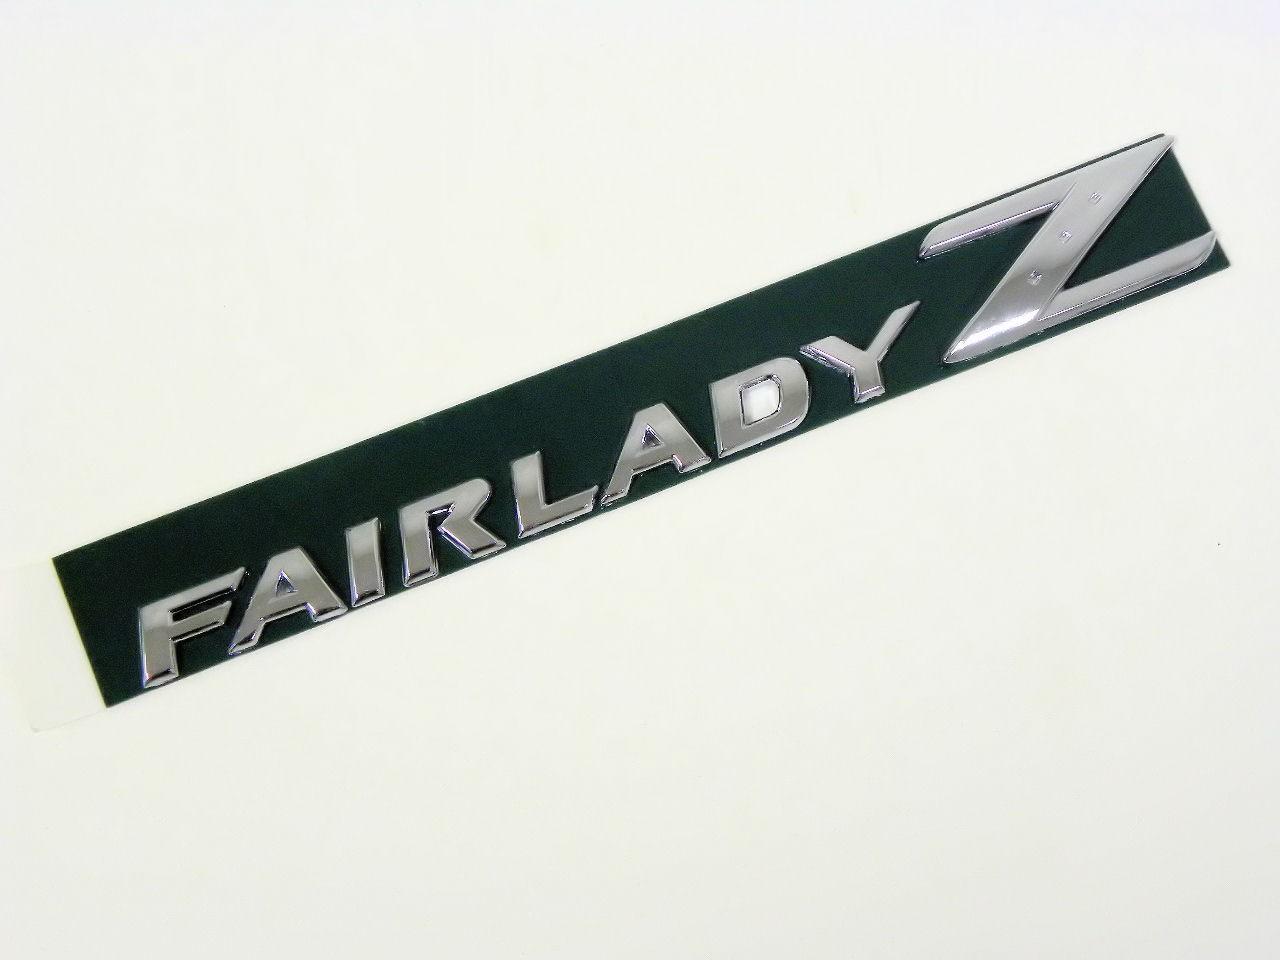 Nissan fairlady z emblems #3